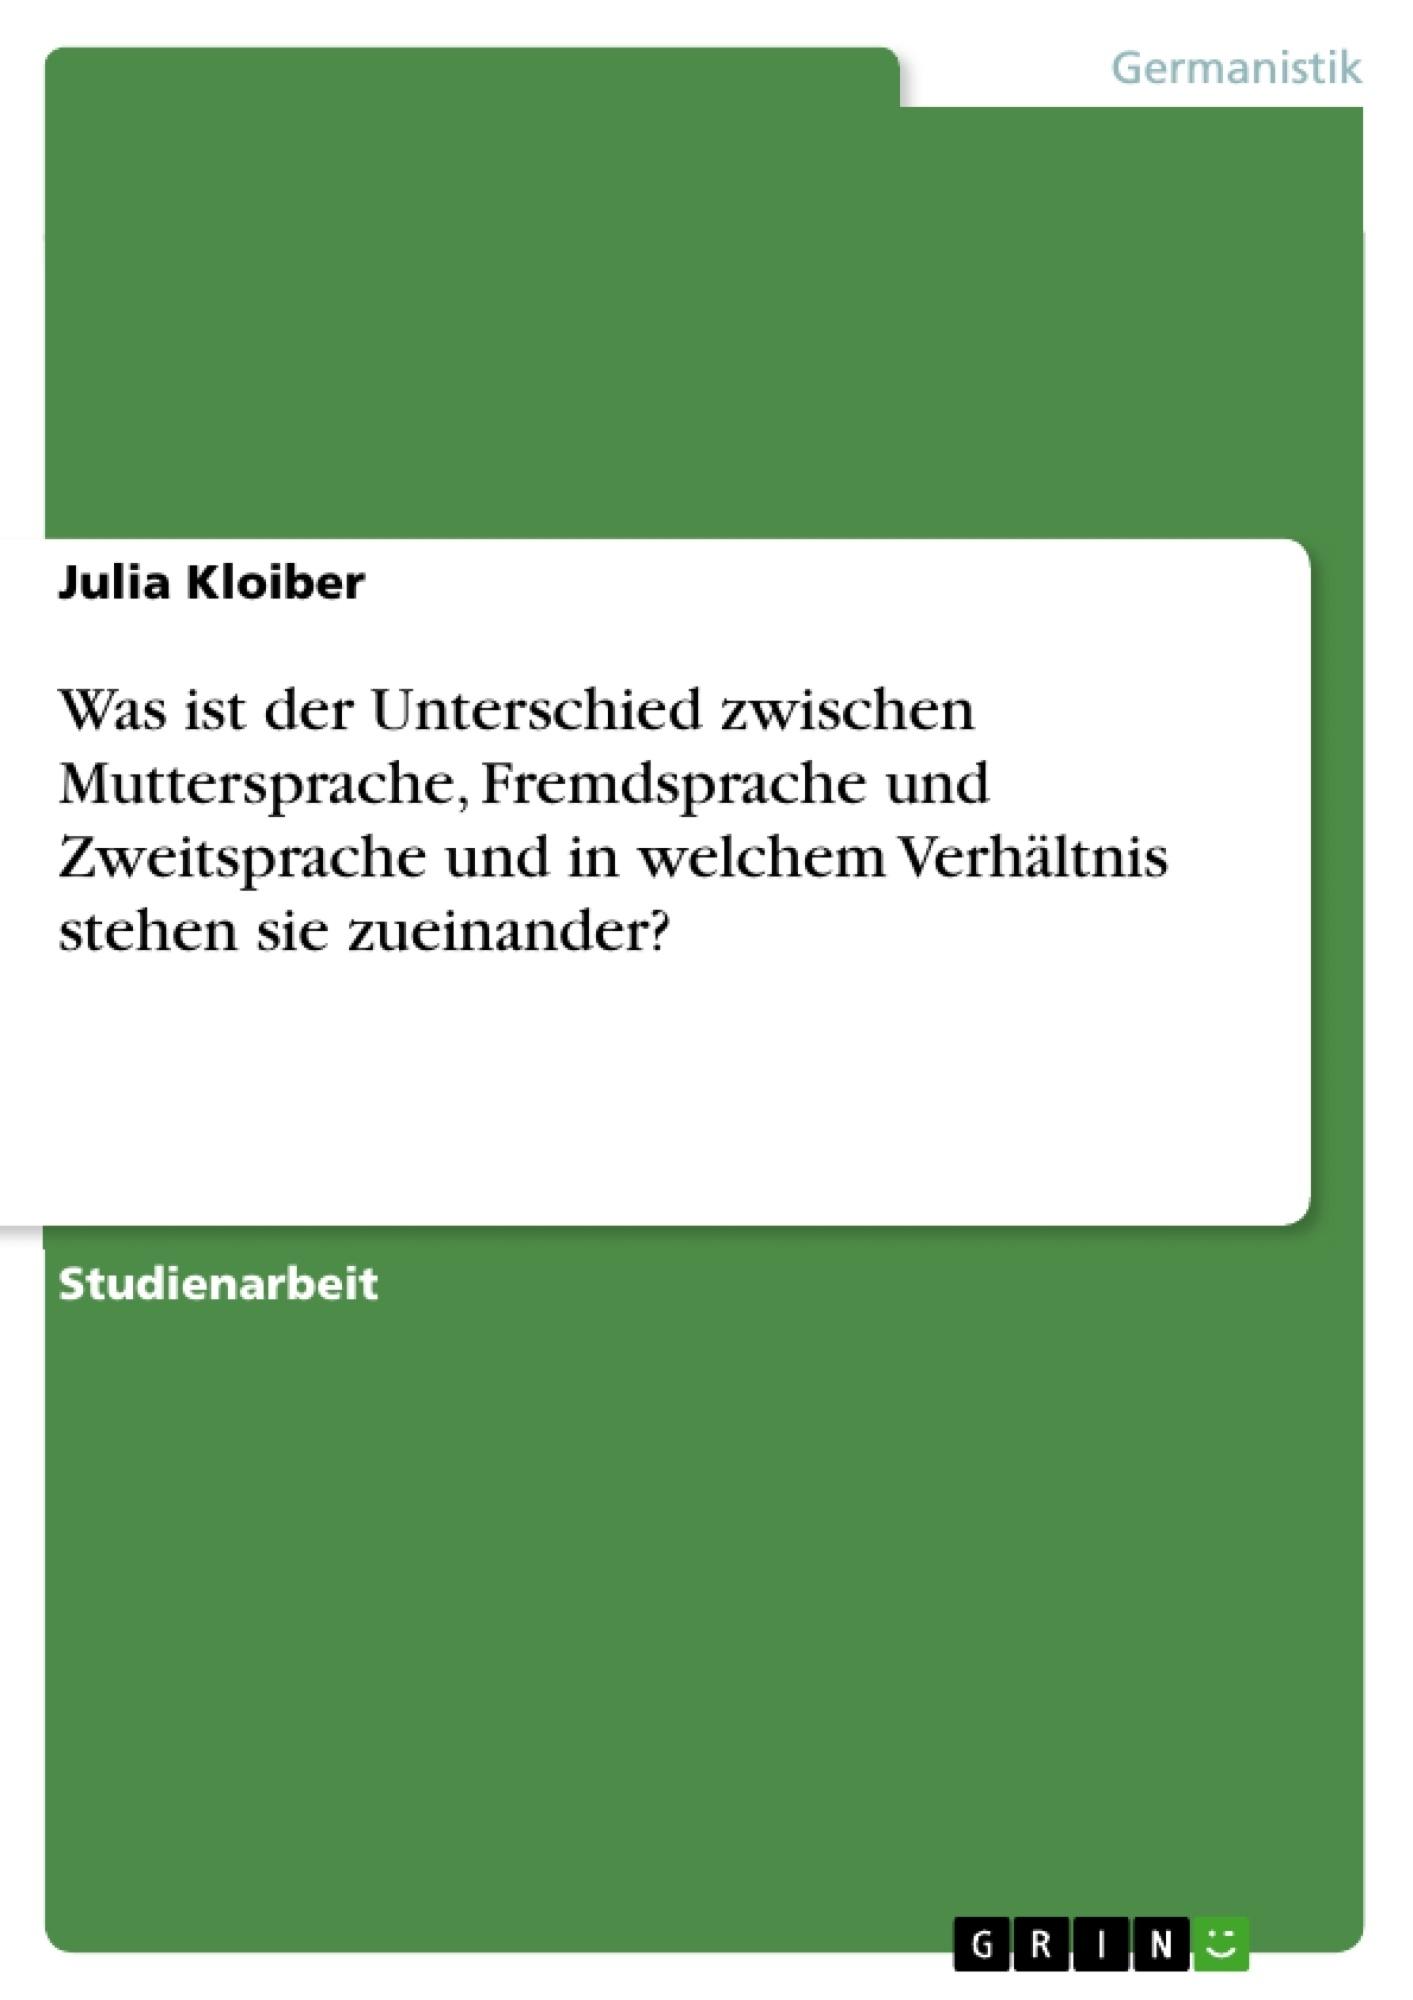 Titel: Was ist der Unterschied zwischen Muttersprache, Fremdsprache und Zweitsprache und in welchem Verhältnis stehen sie zueinander?